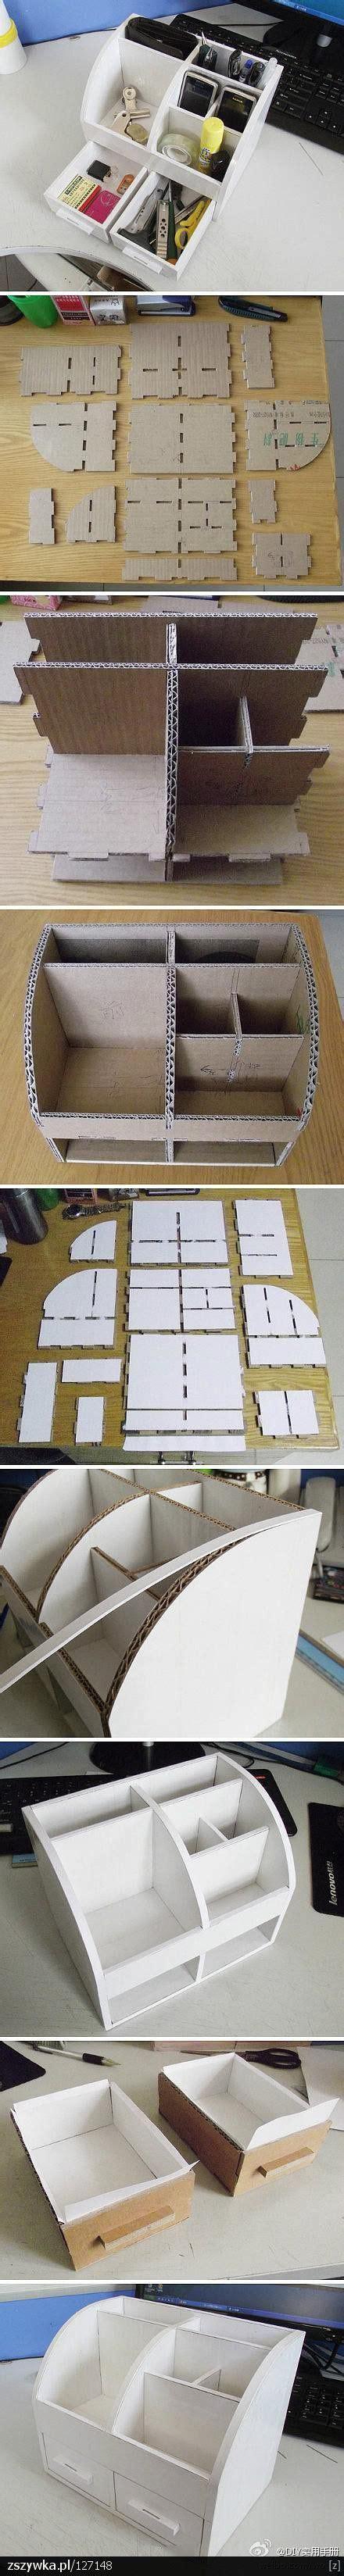 Diy Cardboard Desk Organizer by Diy Cardboard Desk Organizer Diy Paper Cardboard